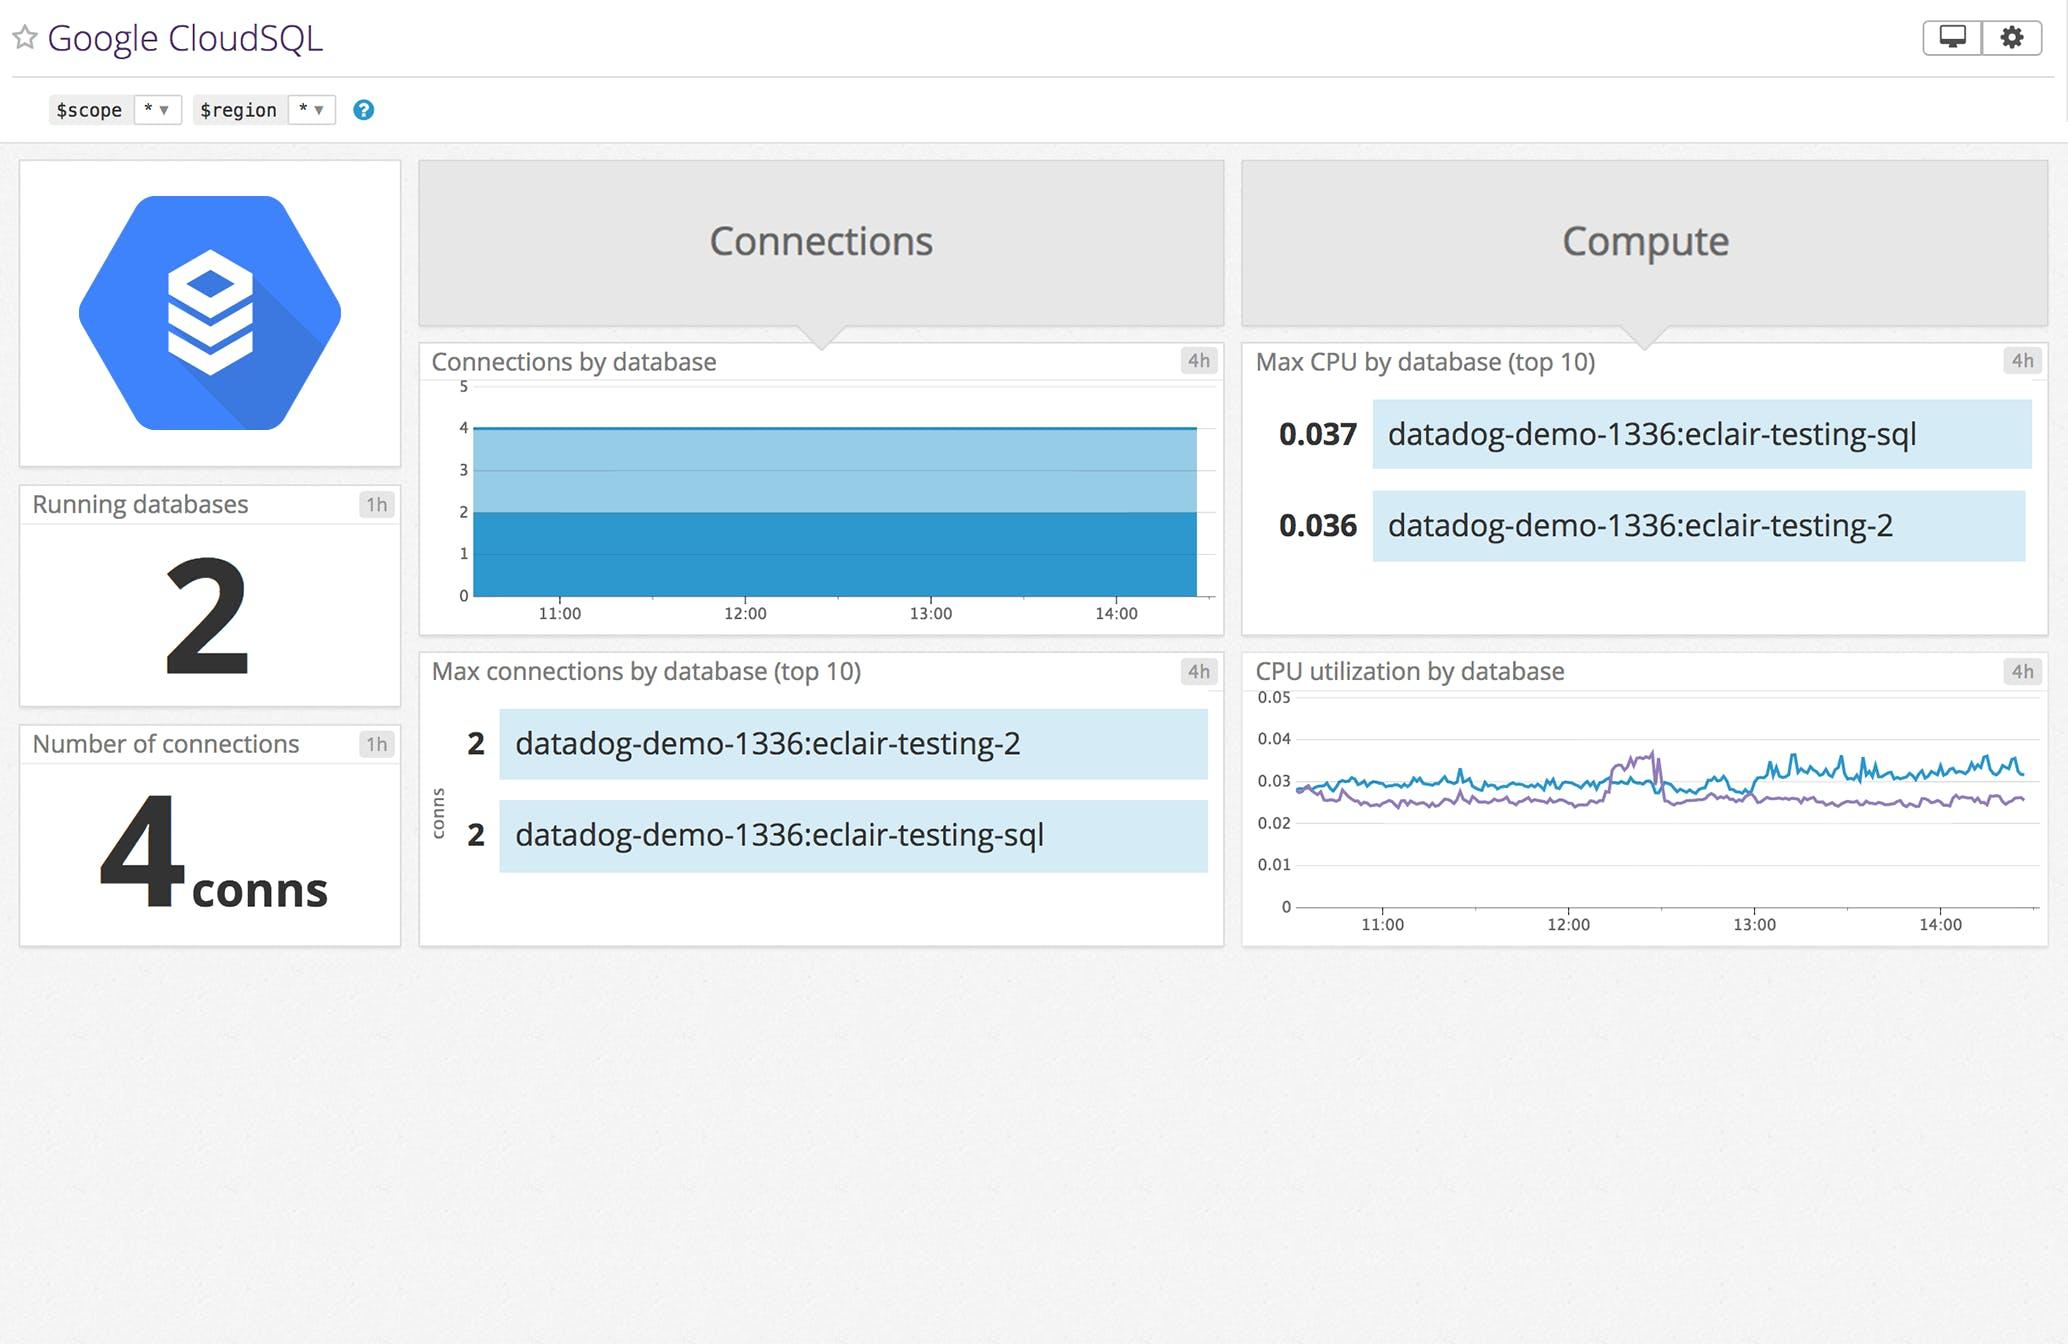 Datadog Google CloudSQL Dashboard